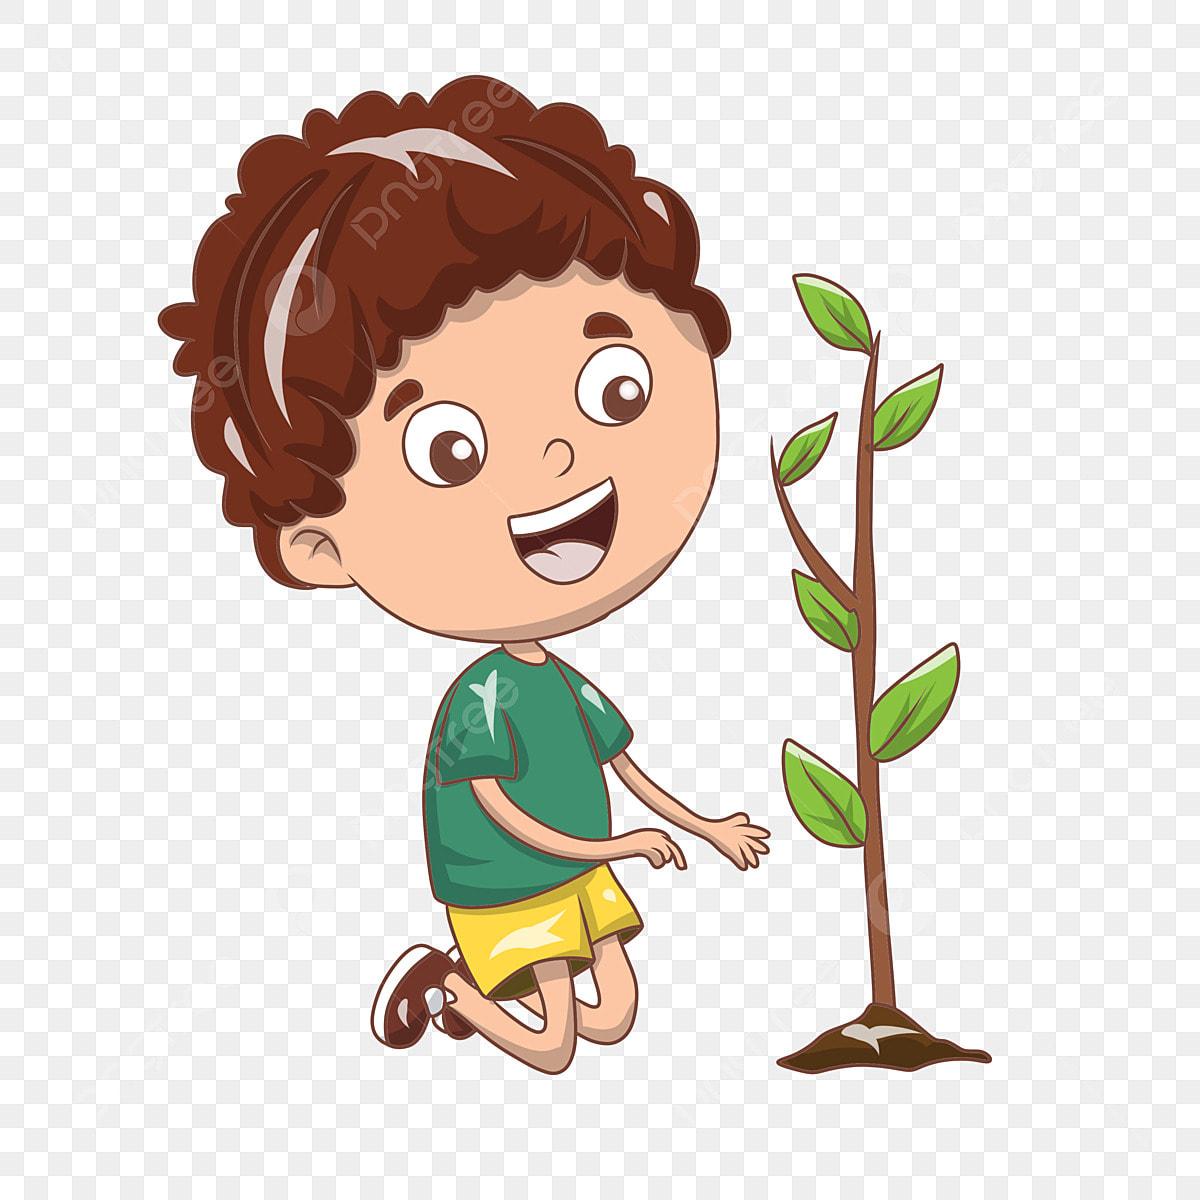 أربور الطابع التوضيح الأخضر الديكور النباتات ورقة غرس الأشجار شخصية صبي الكرتون التوضيح الأخضر شتلات النباتات شخصيات الشجرة يوم شجرة أربور الطابع التوضيح Png وملف Psd للتحميل مجانا